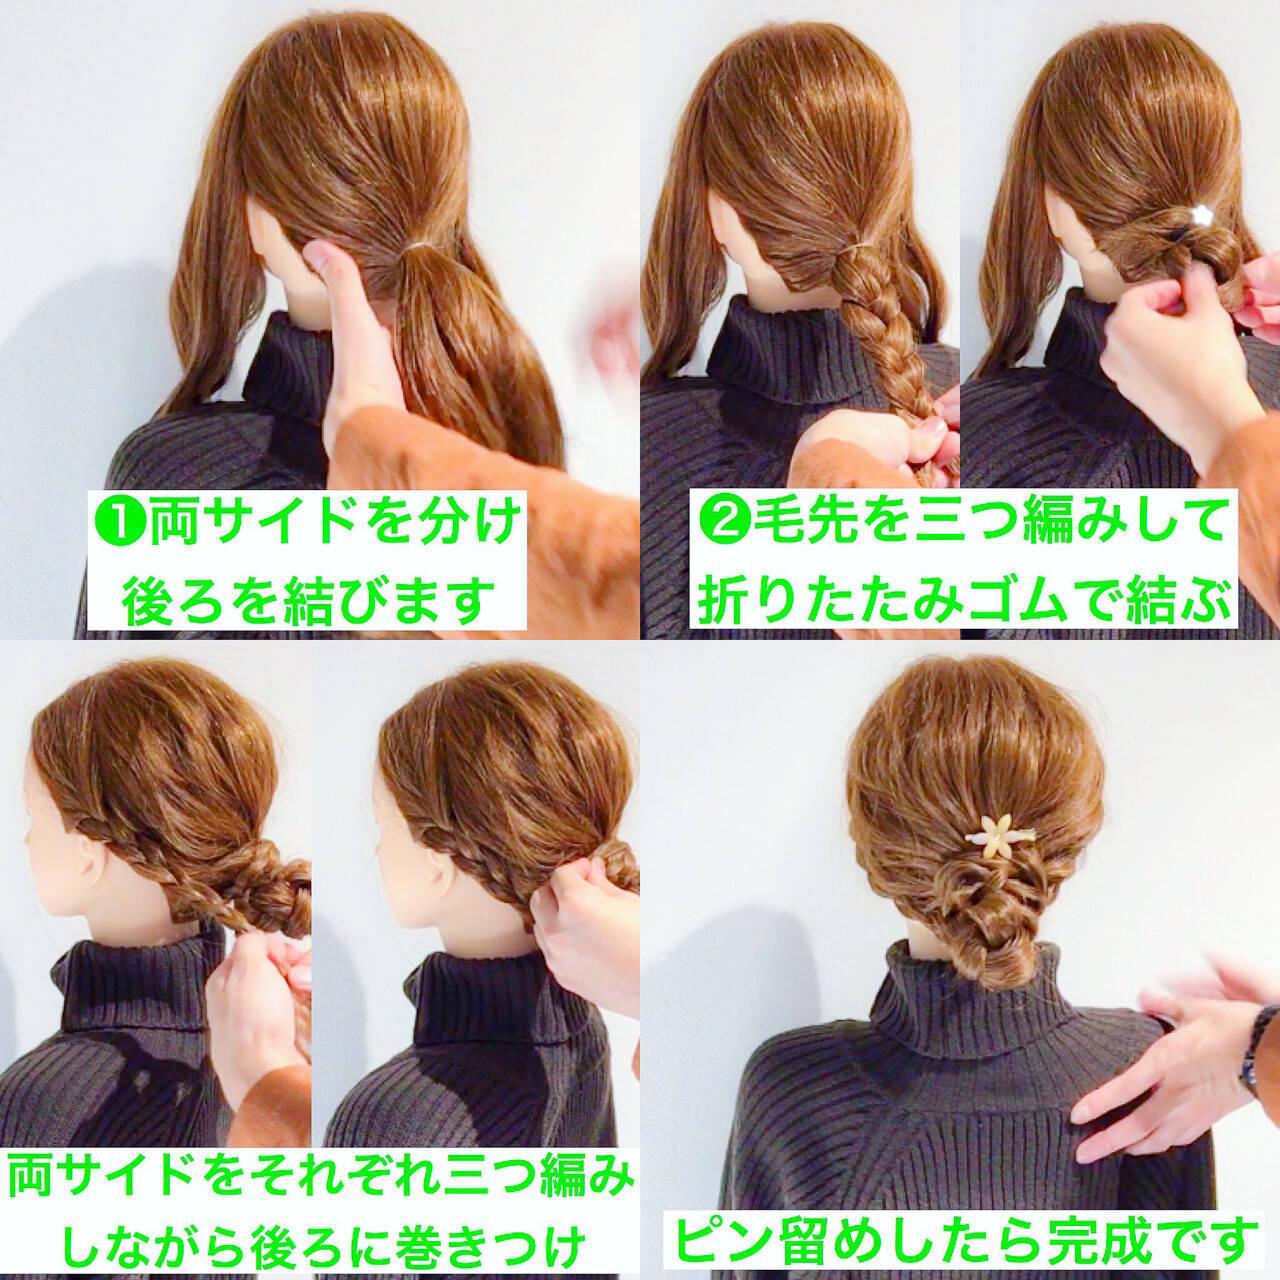 デート ロング フェミニン 簡単ヘアアレンジヘアスタイルや髪型の写真・画像